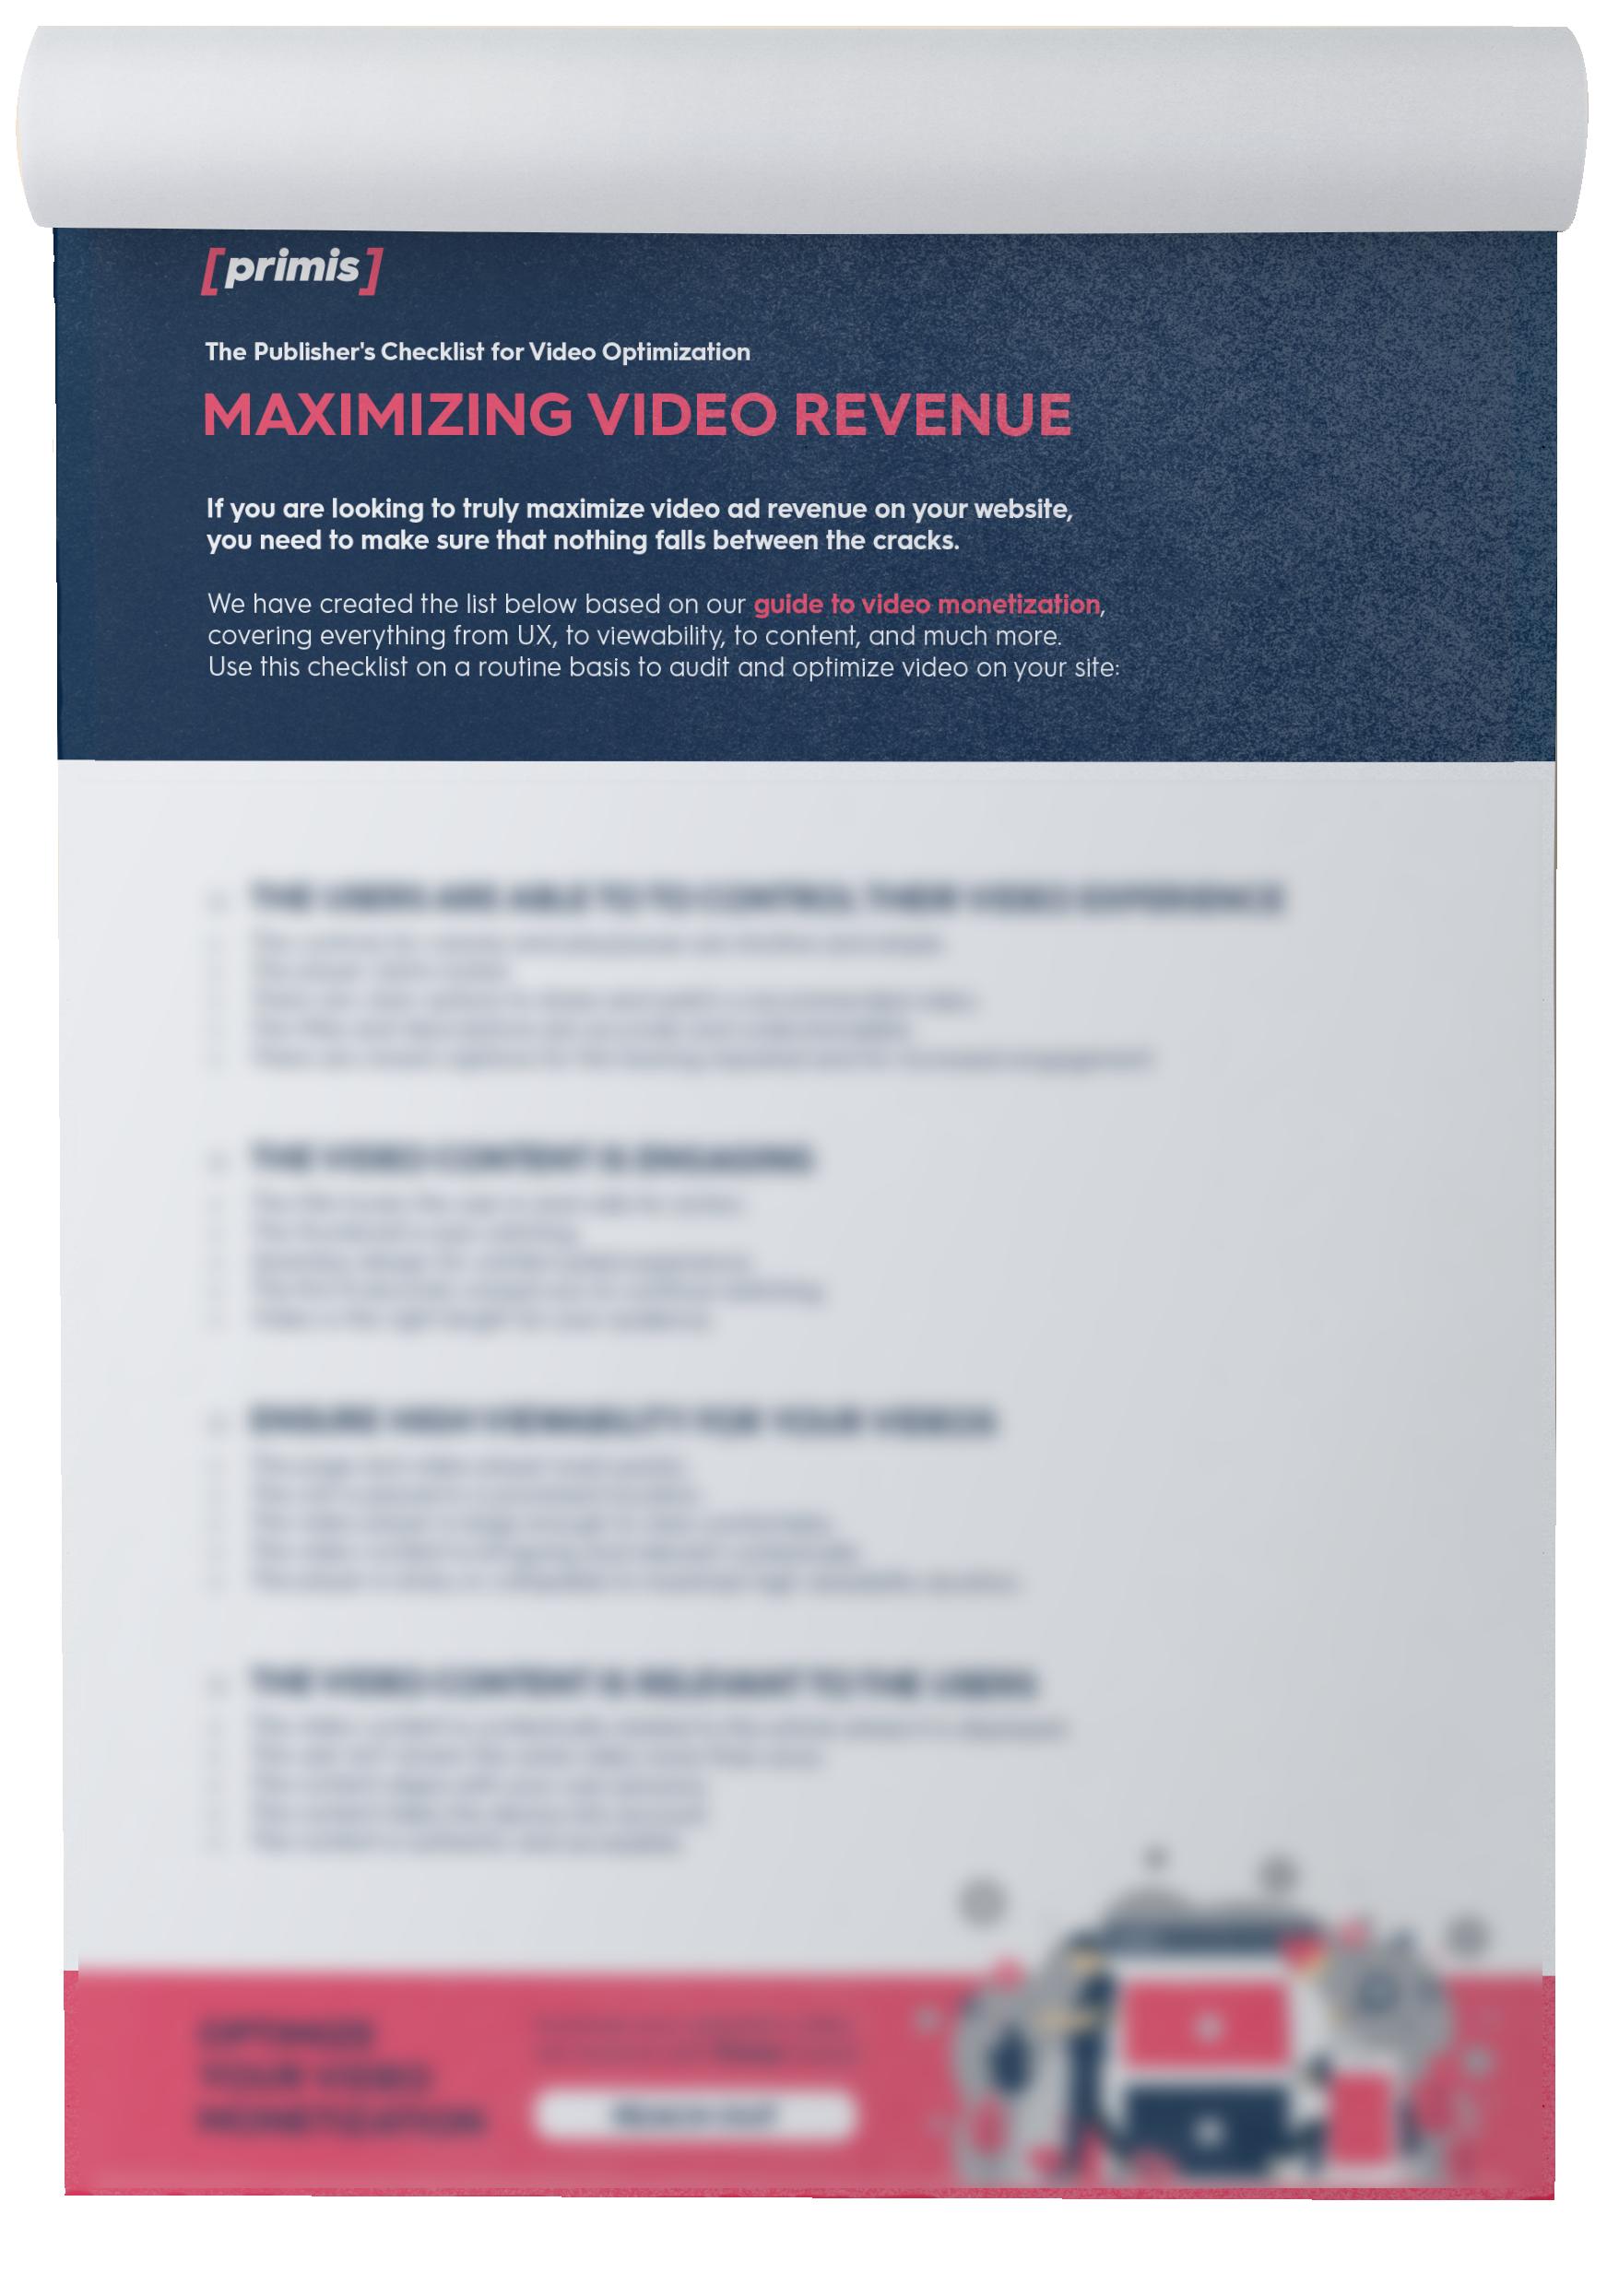 The Video Monetization Checklist